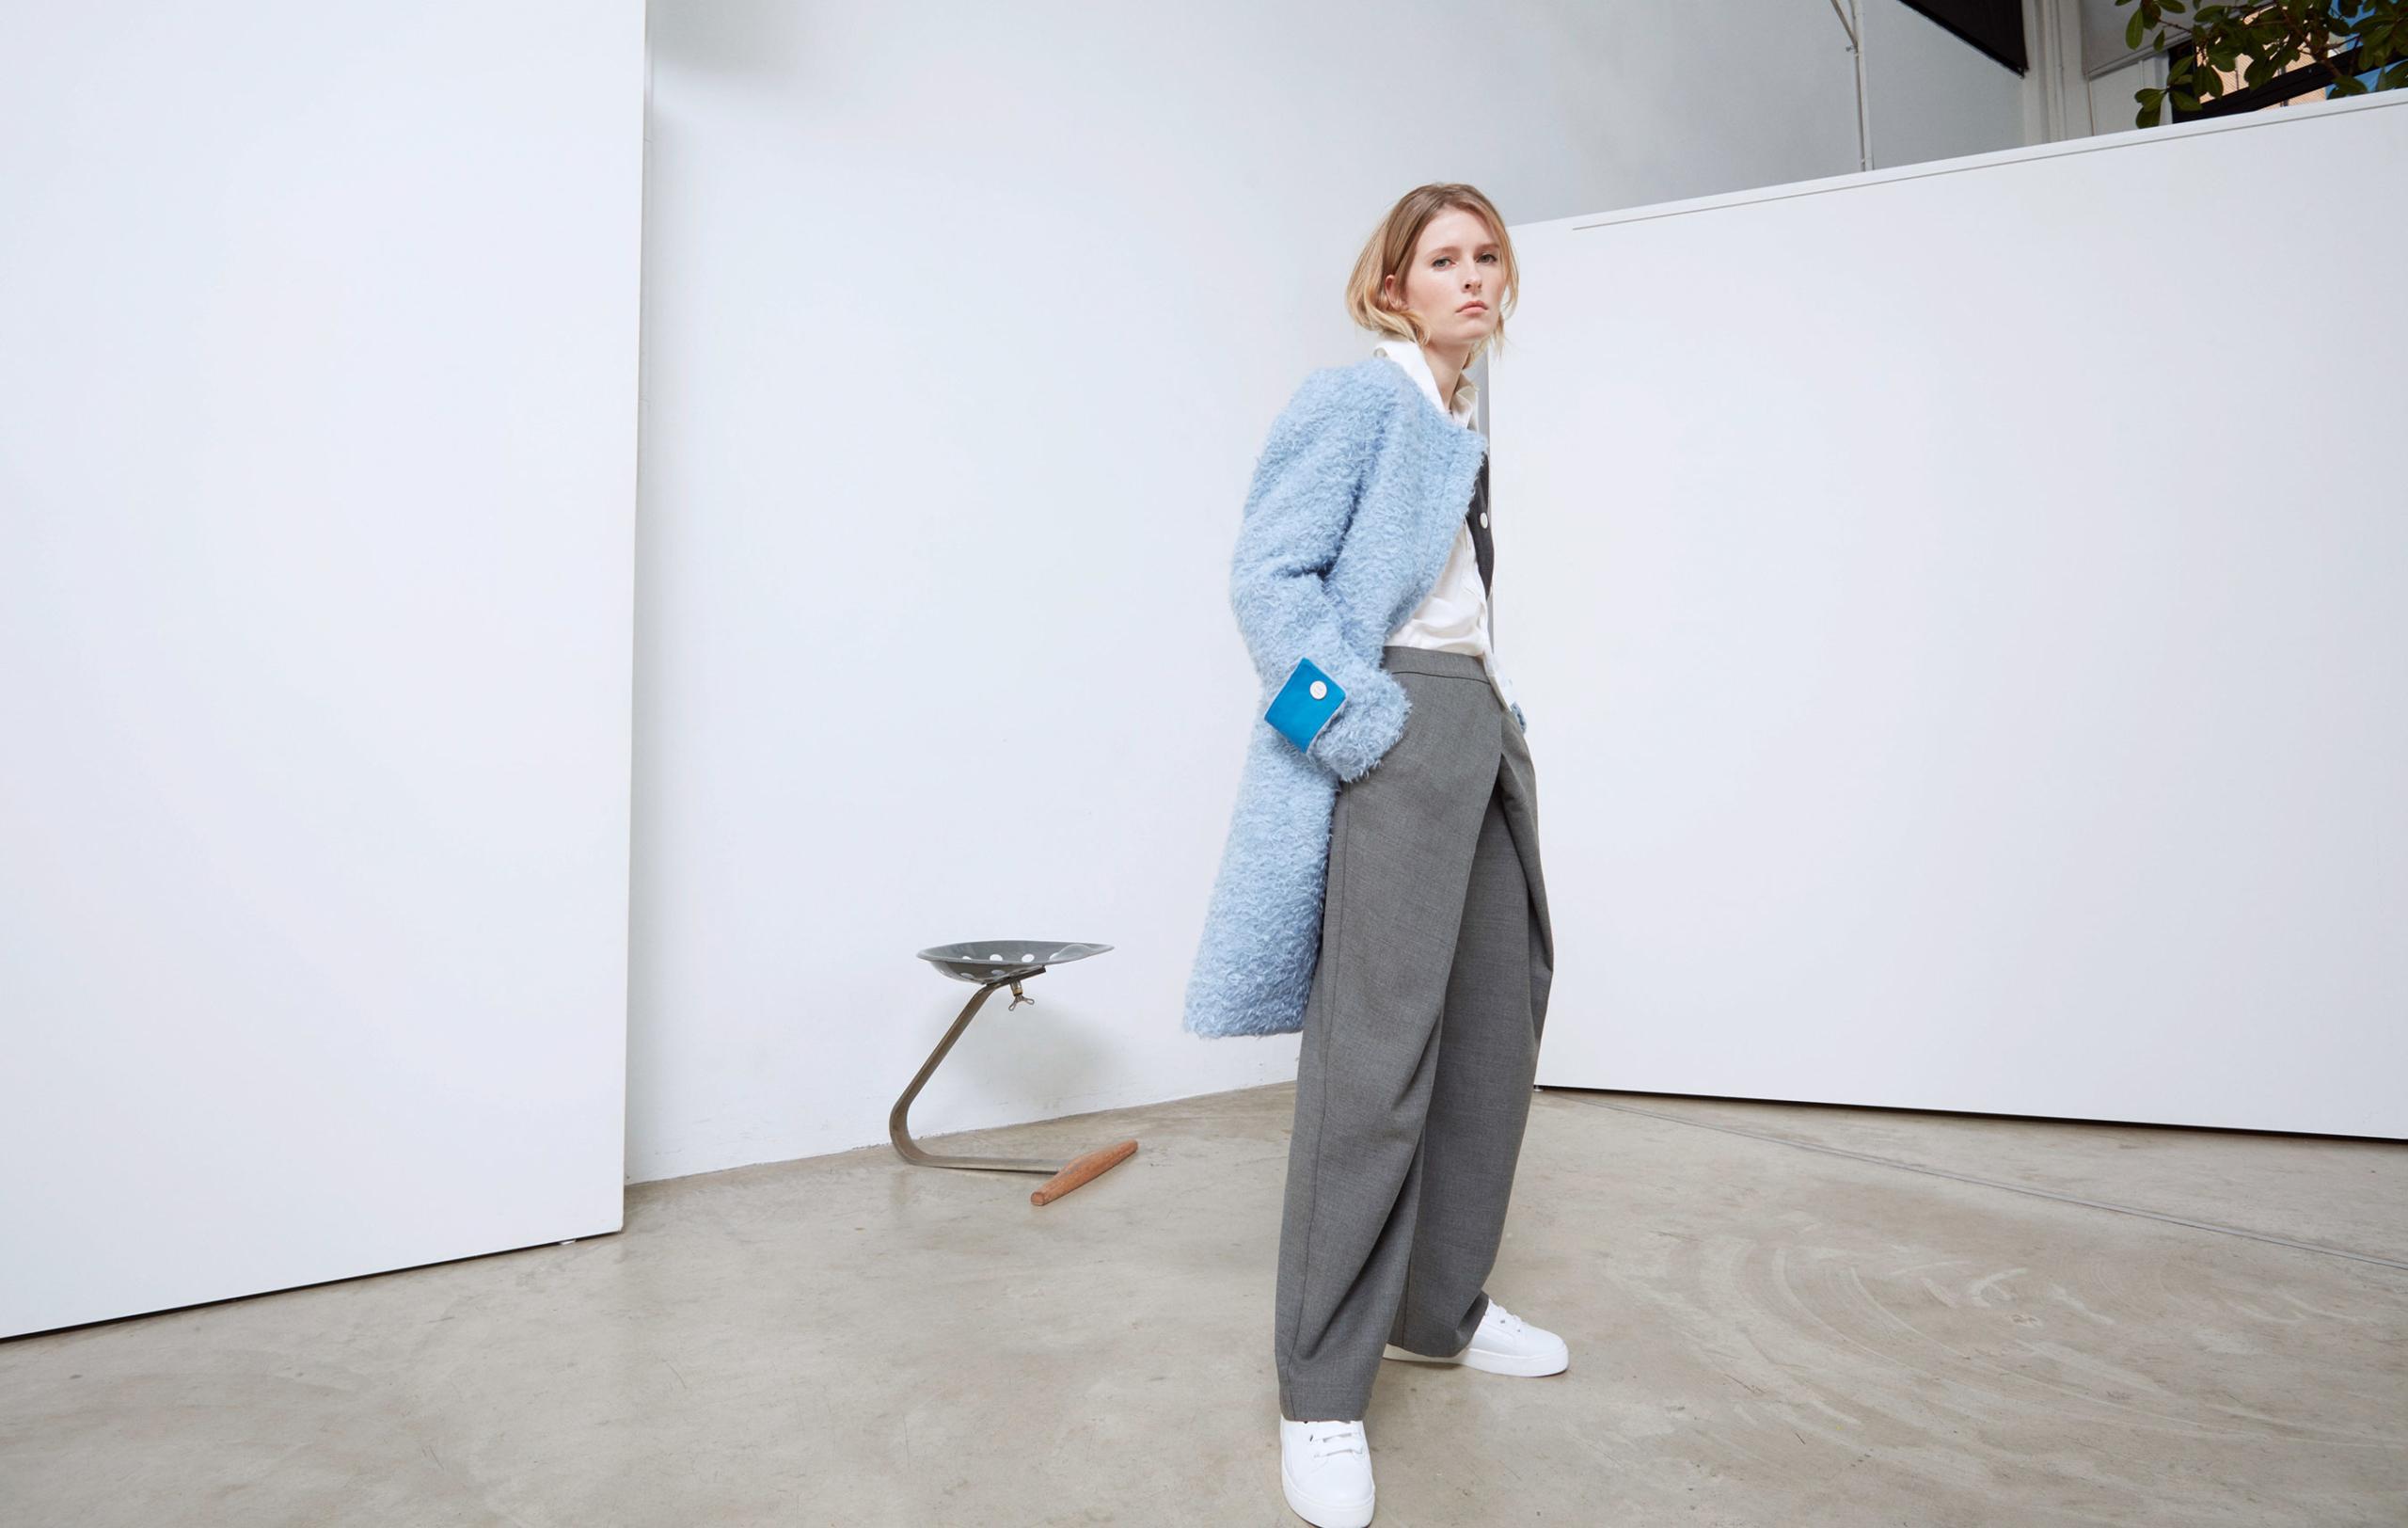 Bav-Tailor-cappotto-azzurro-grigio-2